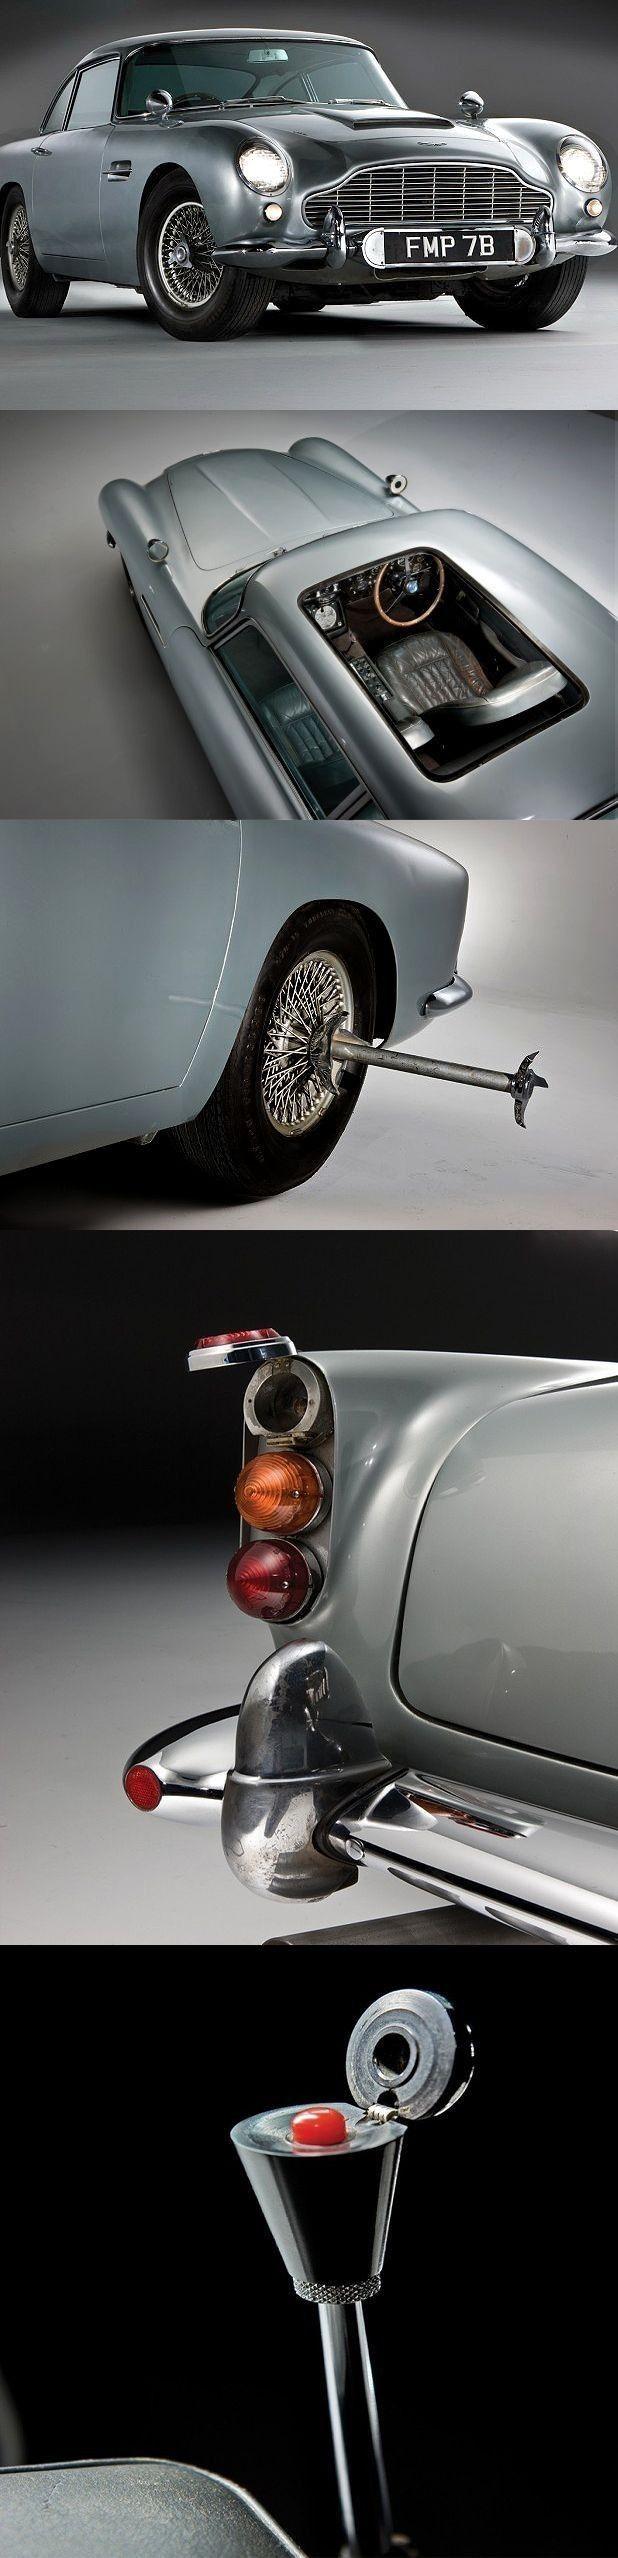 Bond's Aston Martin used in Goldfinger